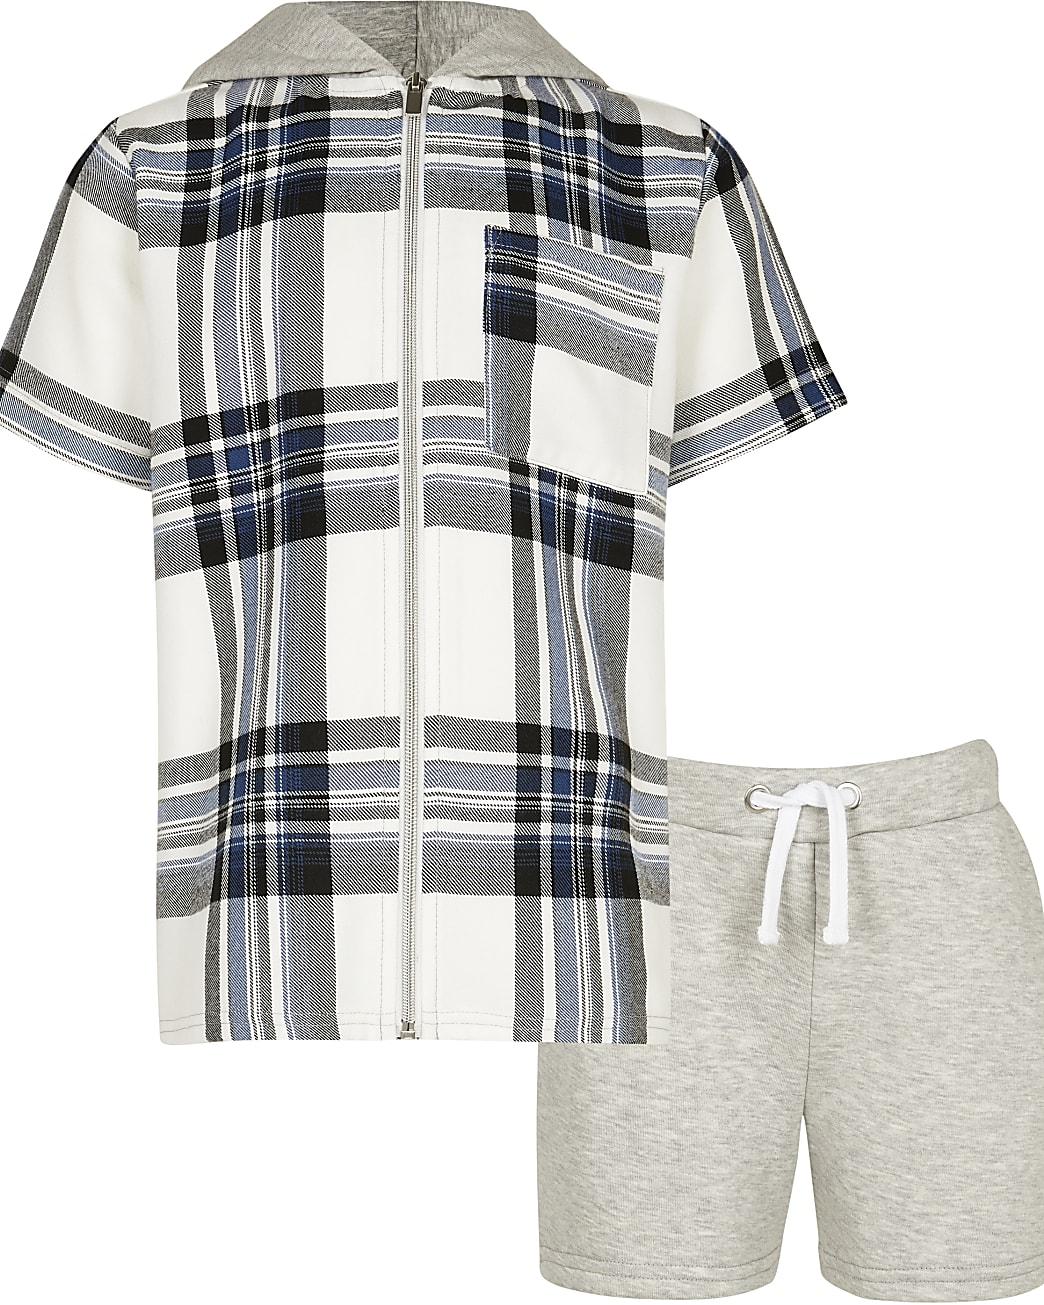 Boys navy check hooded shirt and shorts set